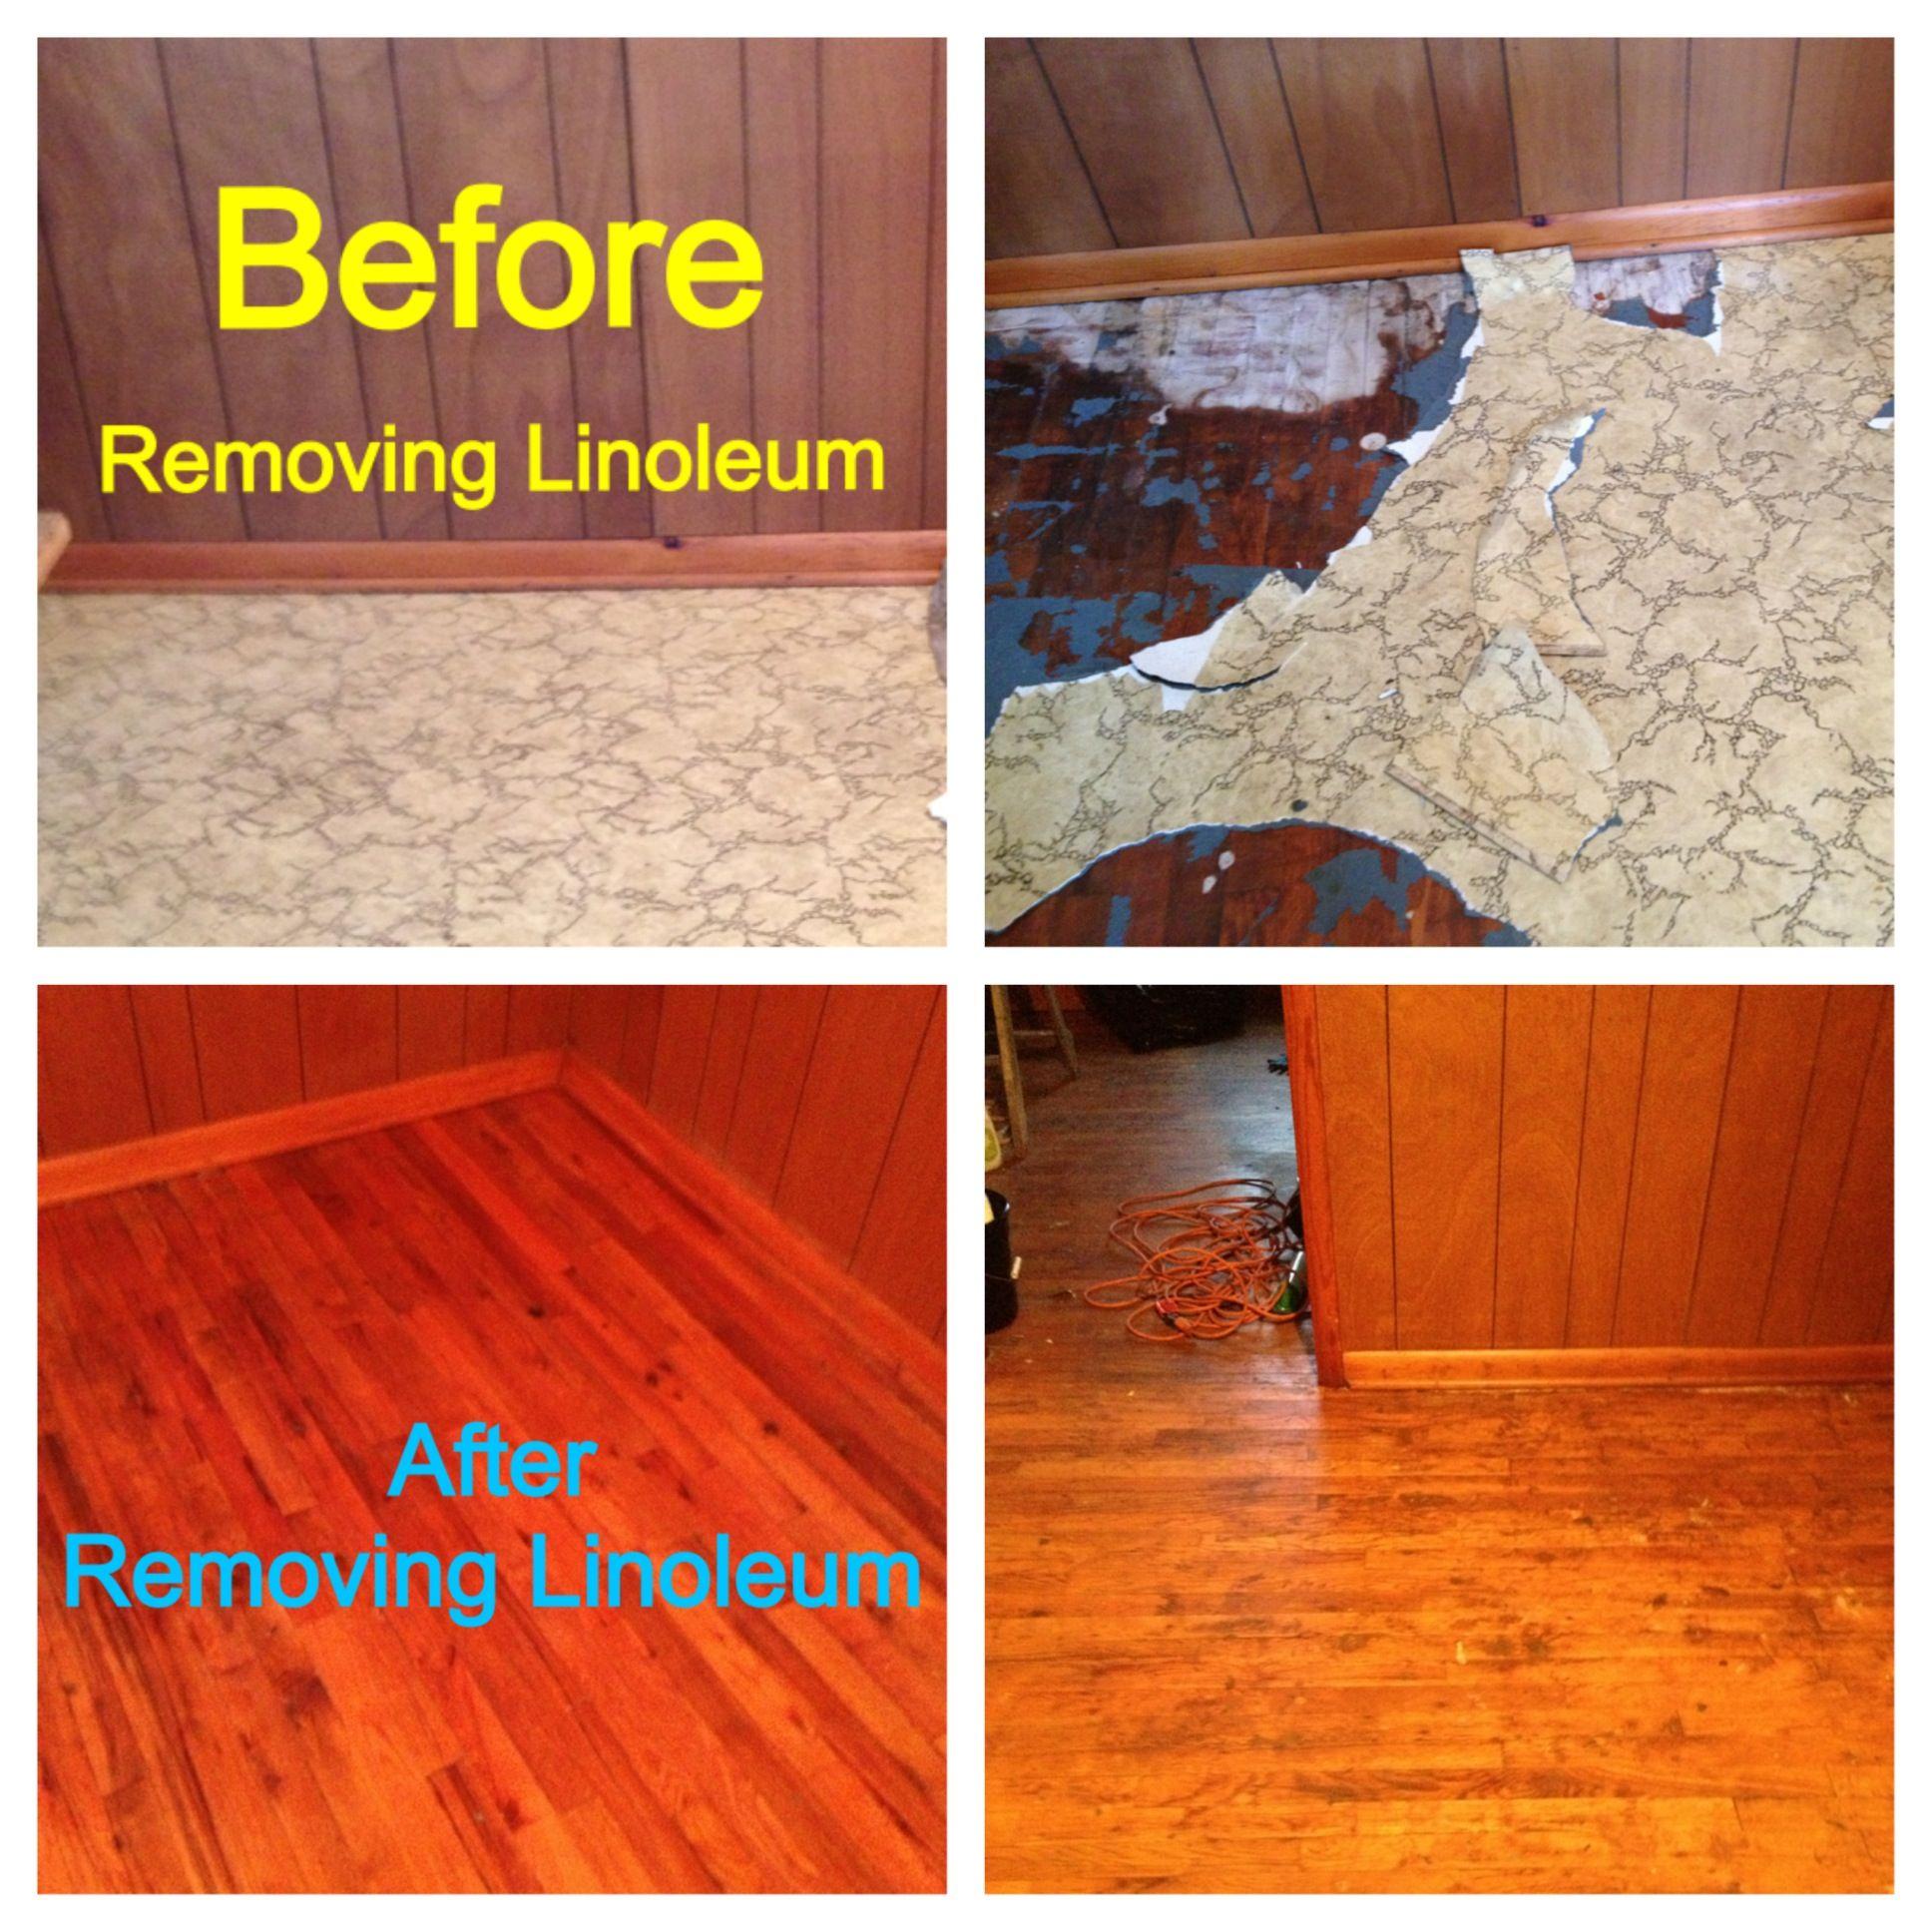 How To Clean Linoleum Floors - arxiusarquitectura